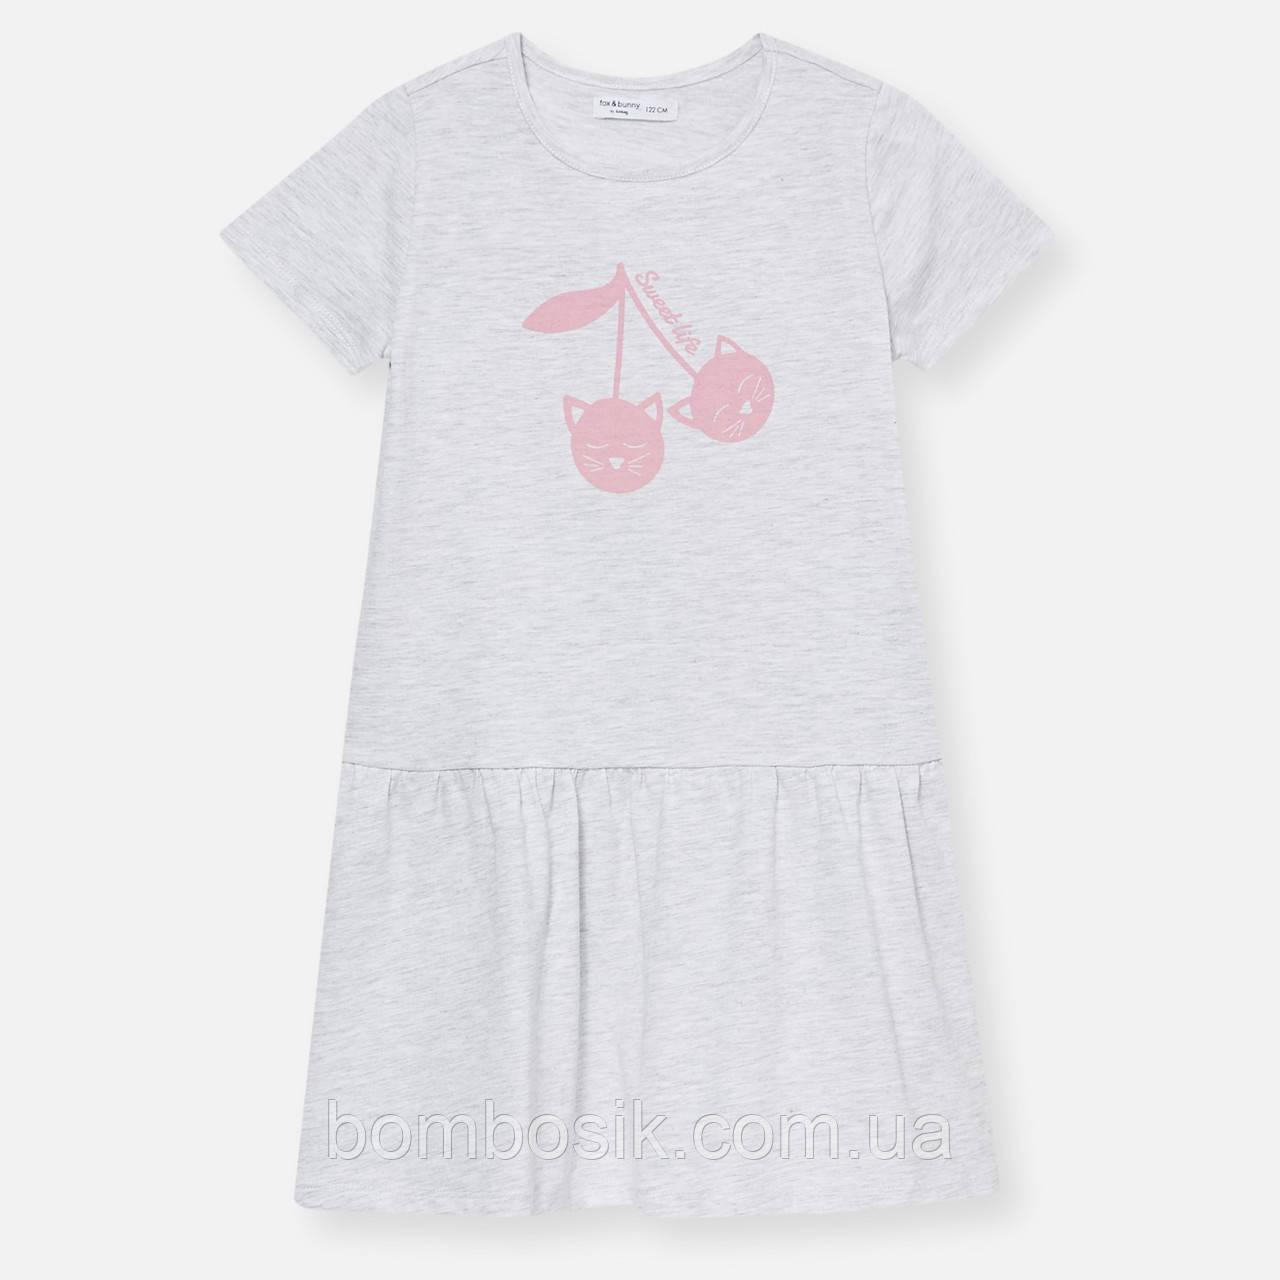 Платье для девочки Sinsay, 116 (5-6л)